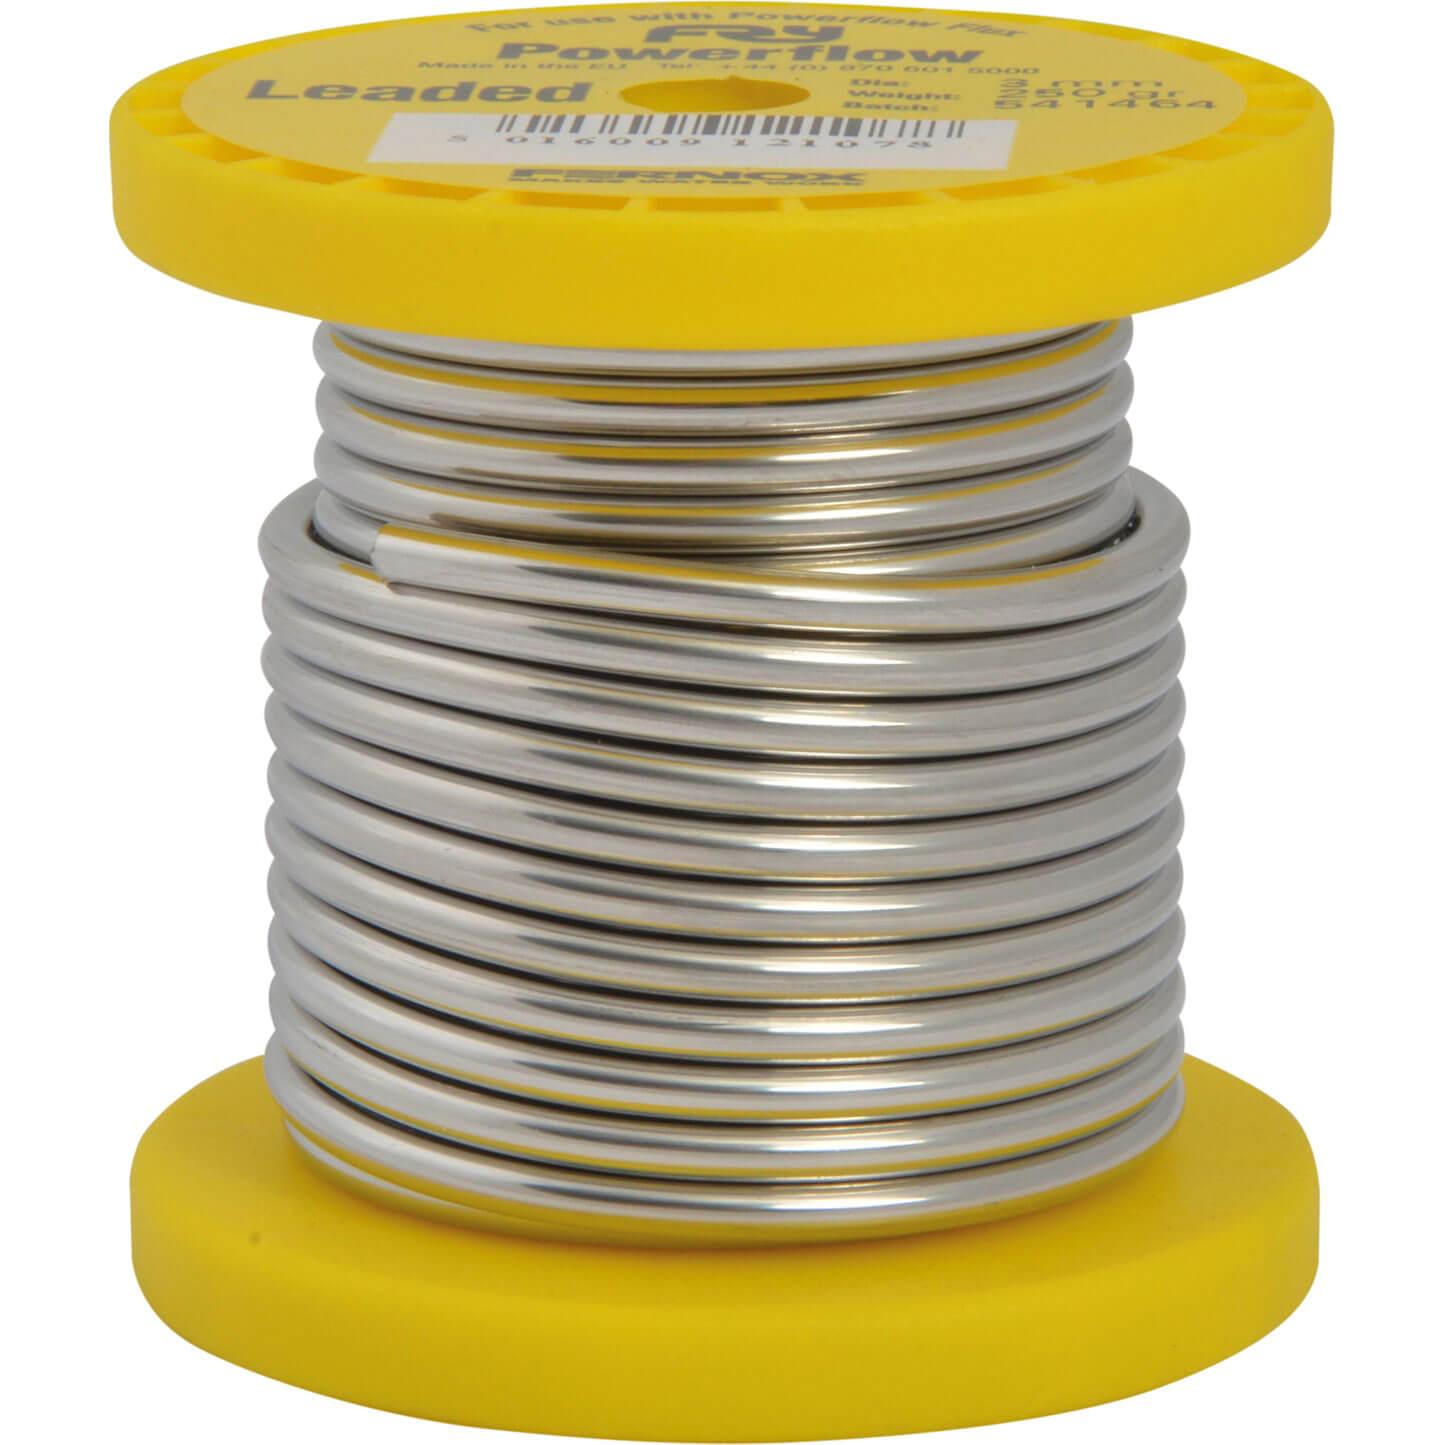 Image of Frys Powerflow Solder Wire 250g